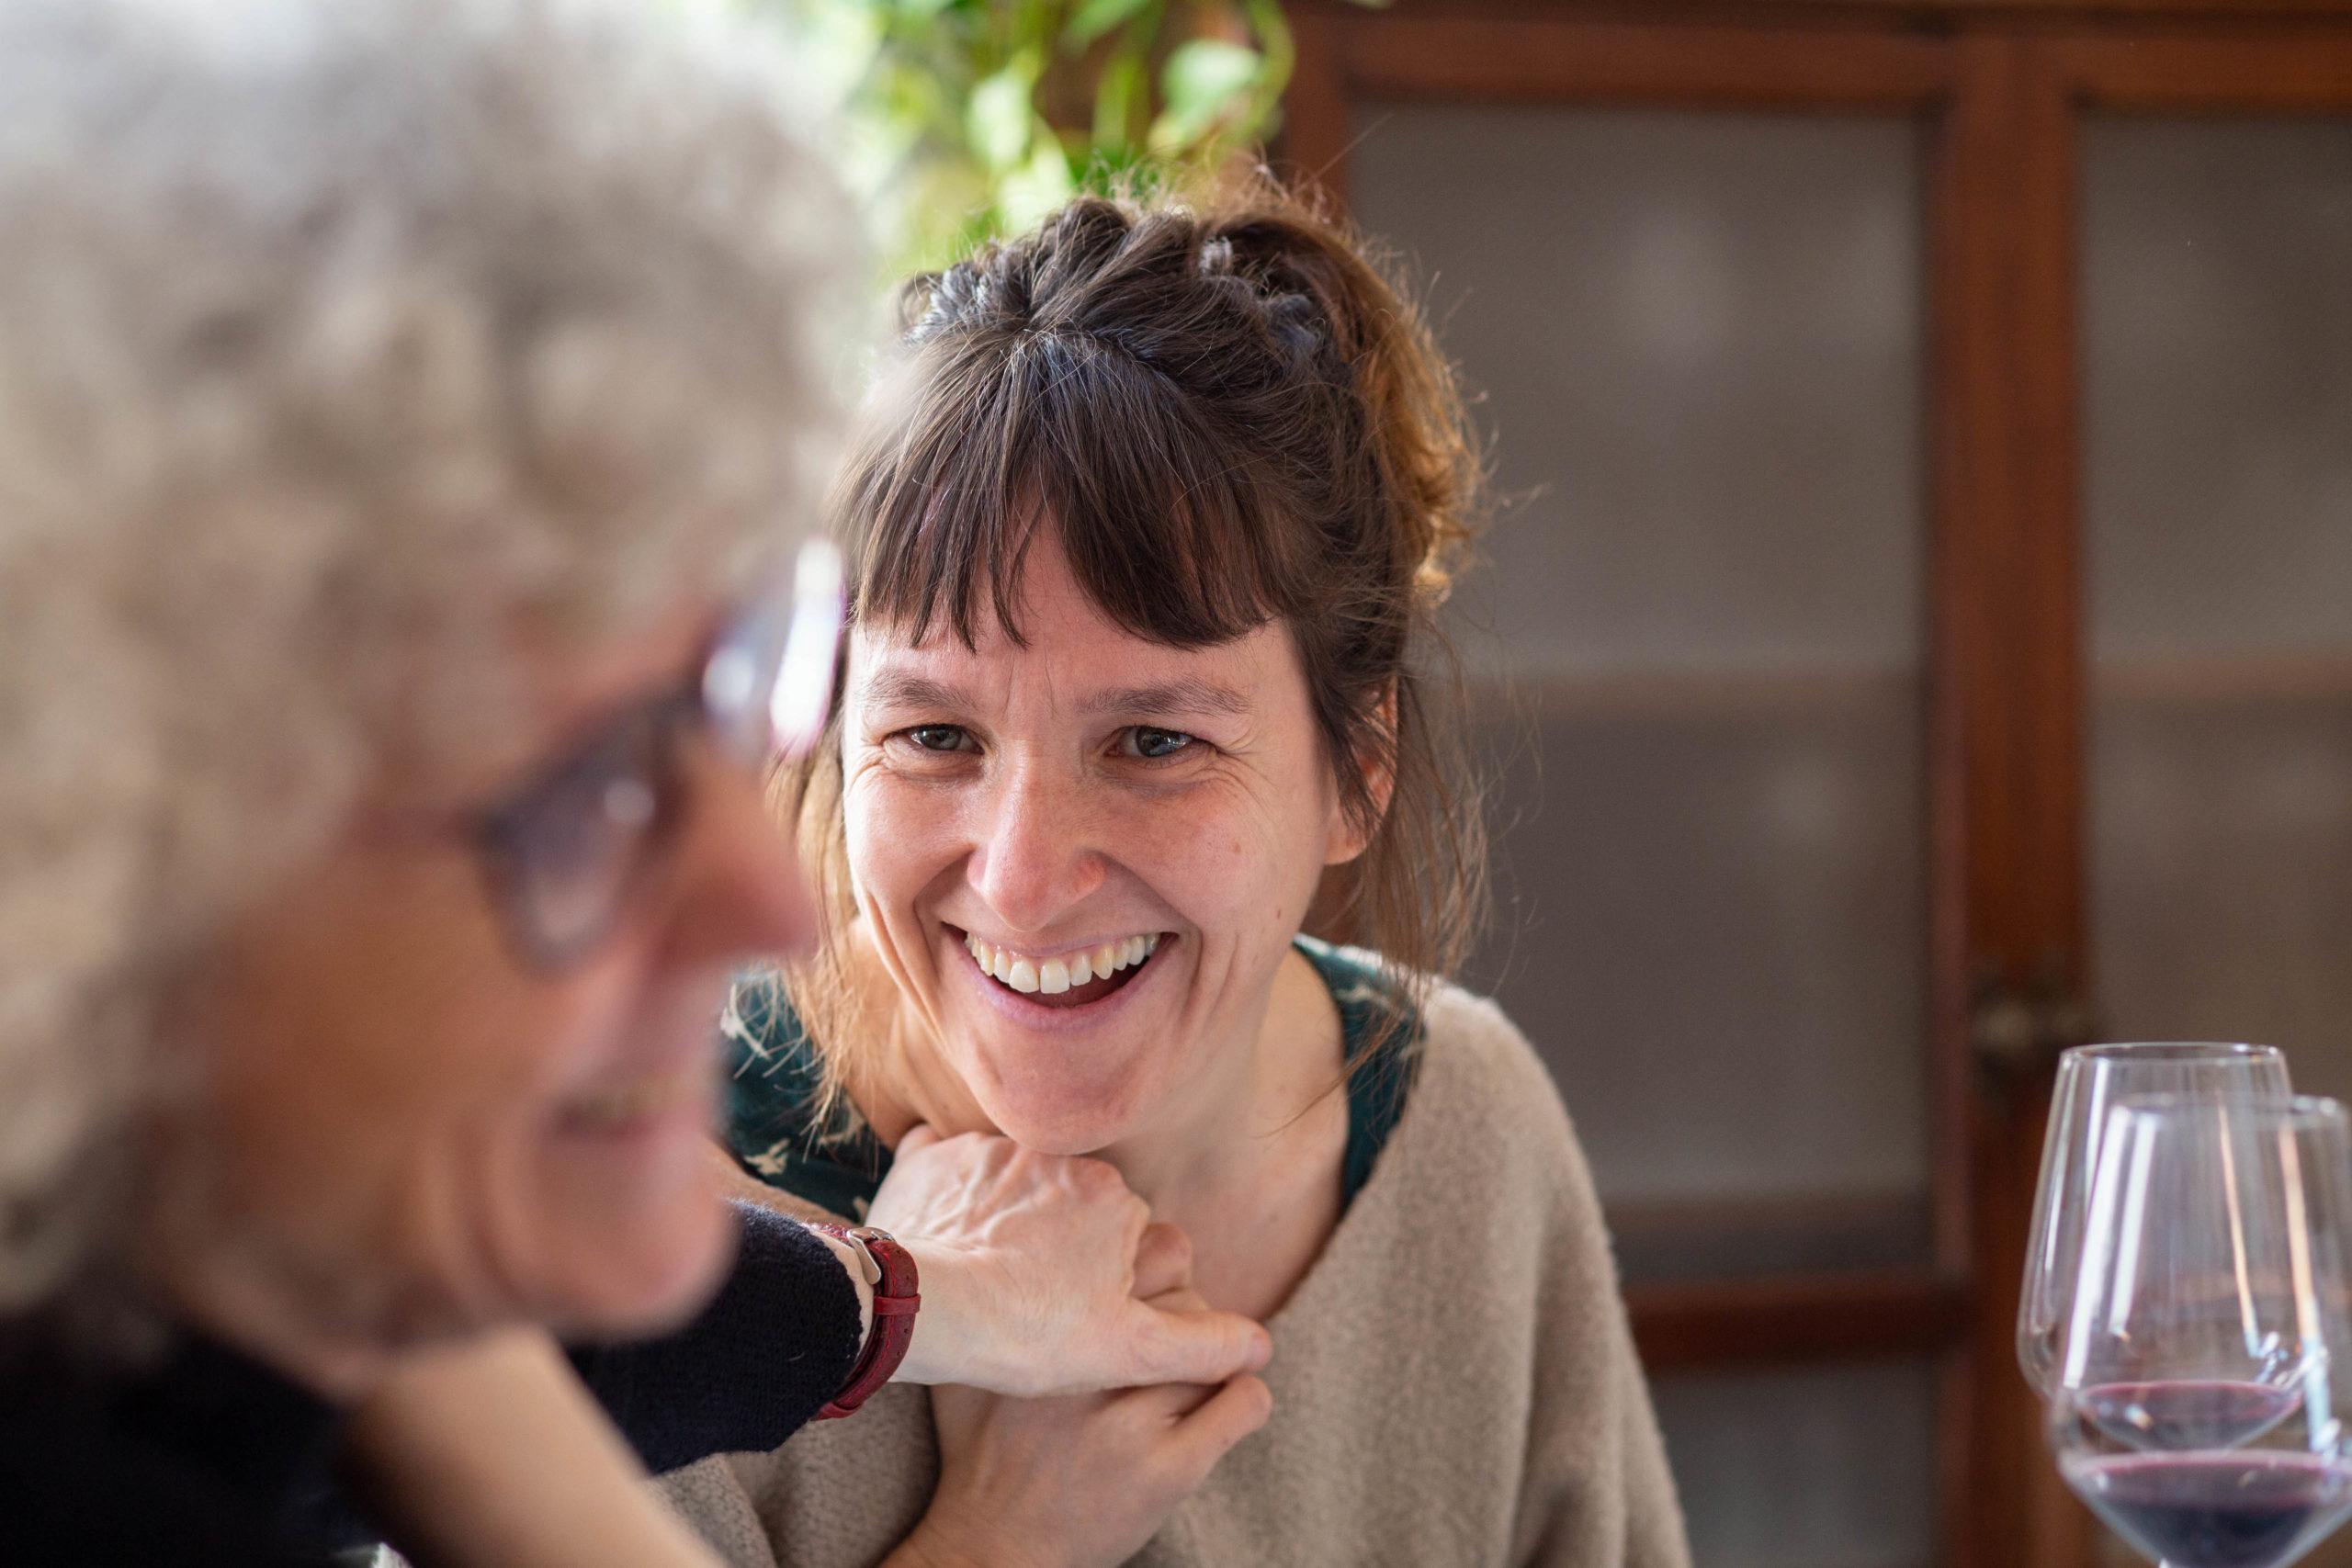 Dues dones agafades de la mà en un dinar al menjador de casa